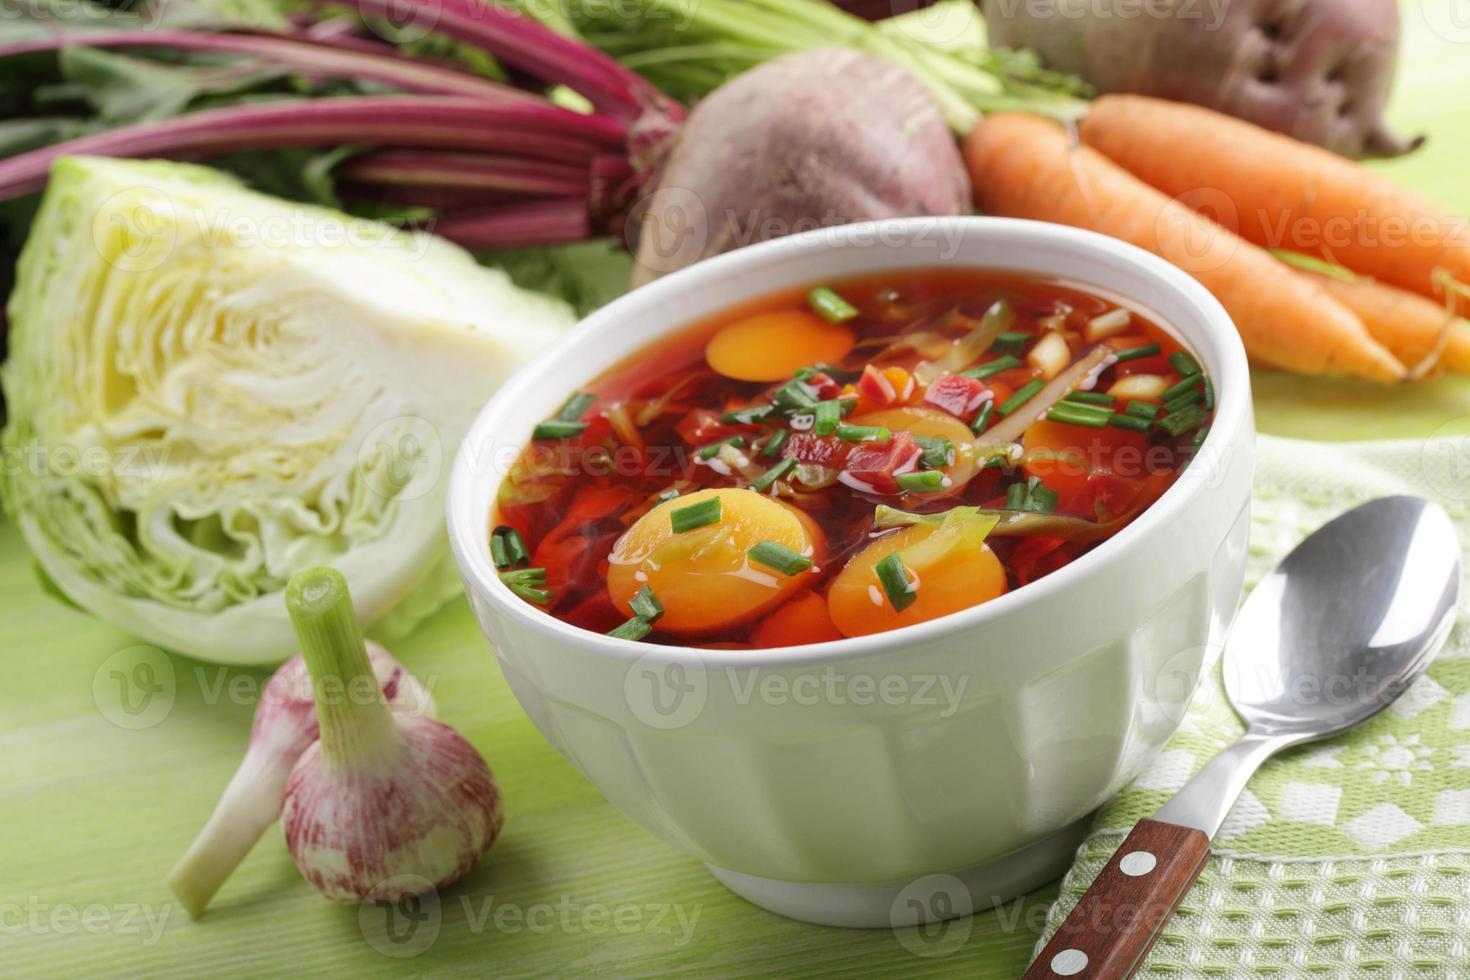 Russische bietensoep met groenten foto